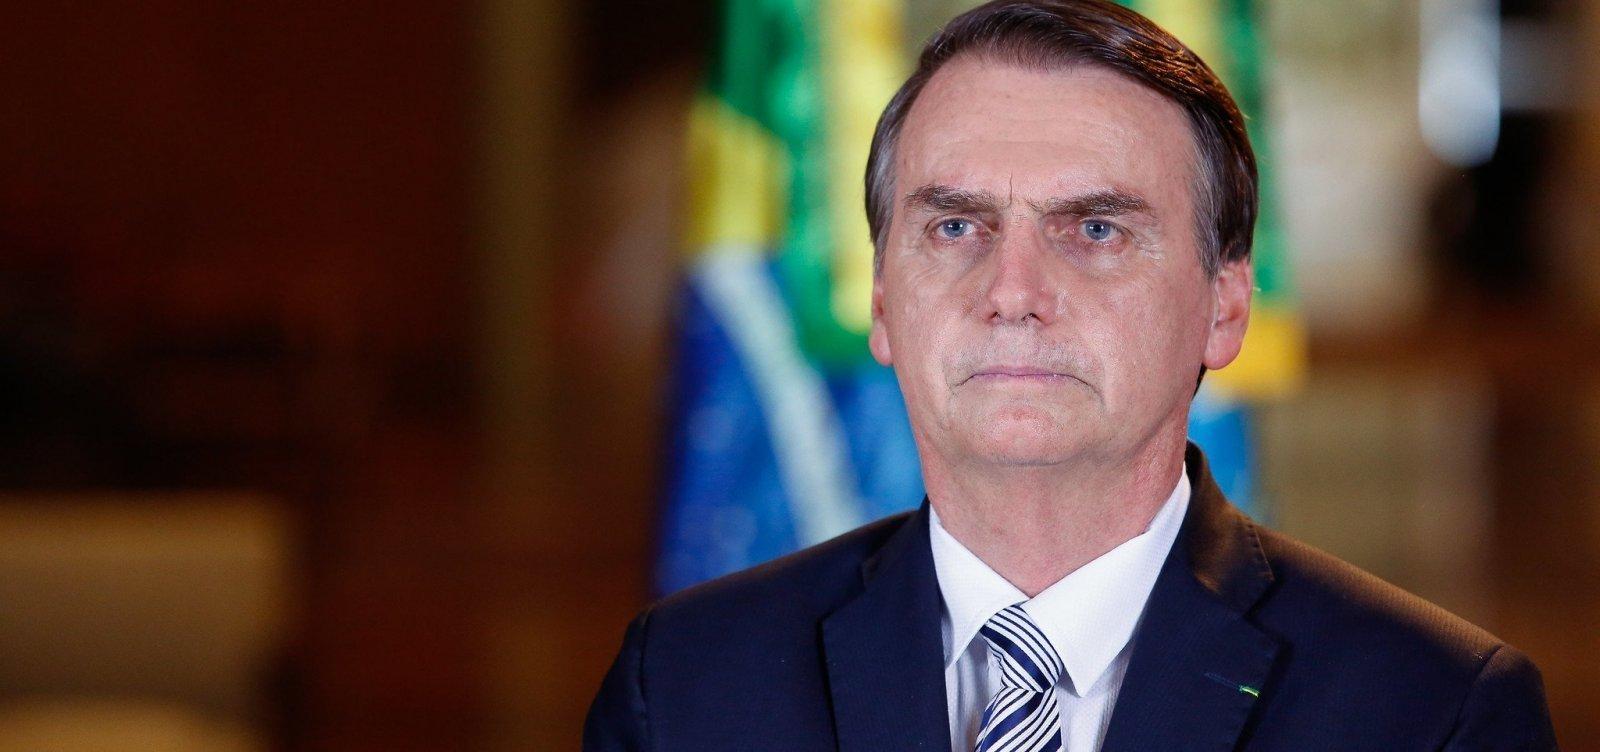 Bolsonaro vai comemorar mil dias de governo com inauguração de 10km de asfalto